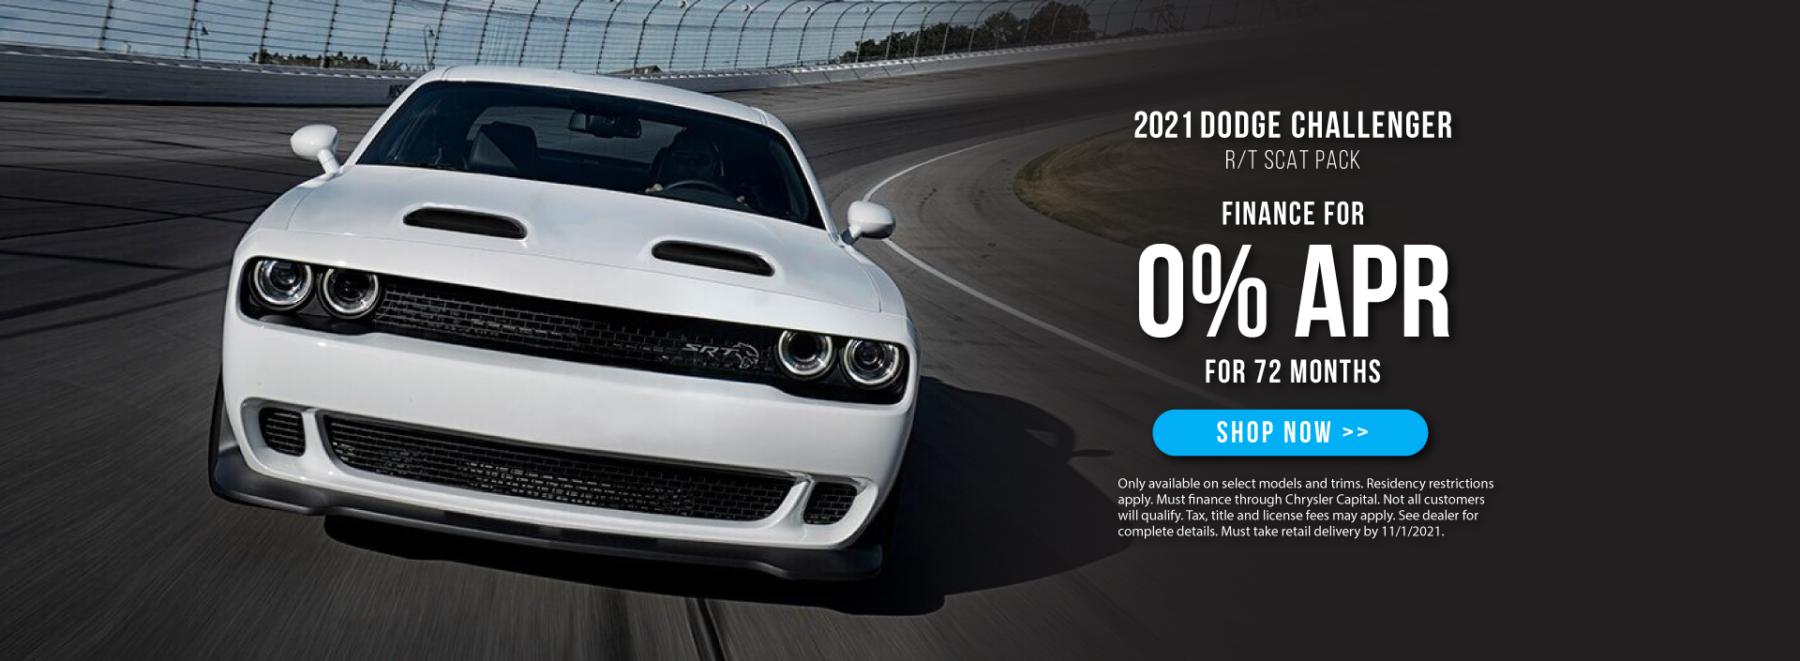 2021 Dodge Challenger Offer